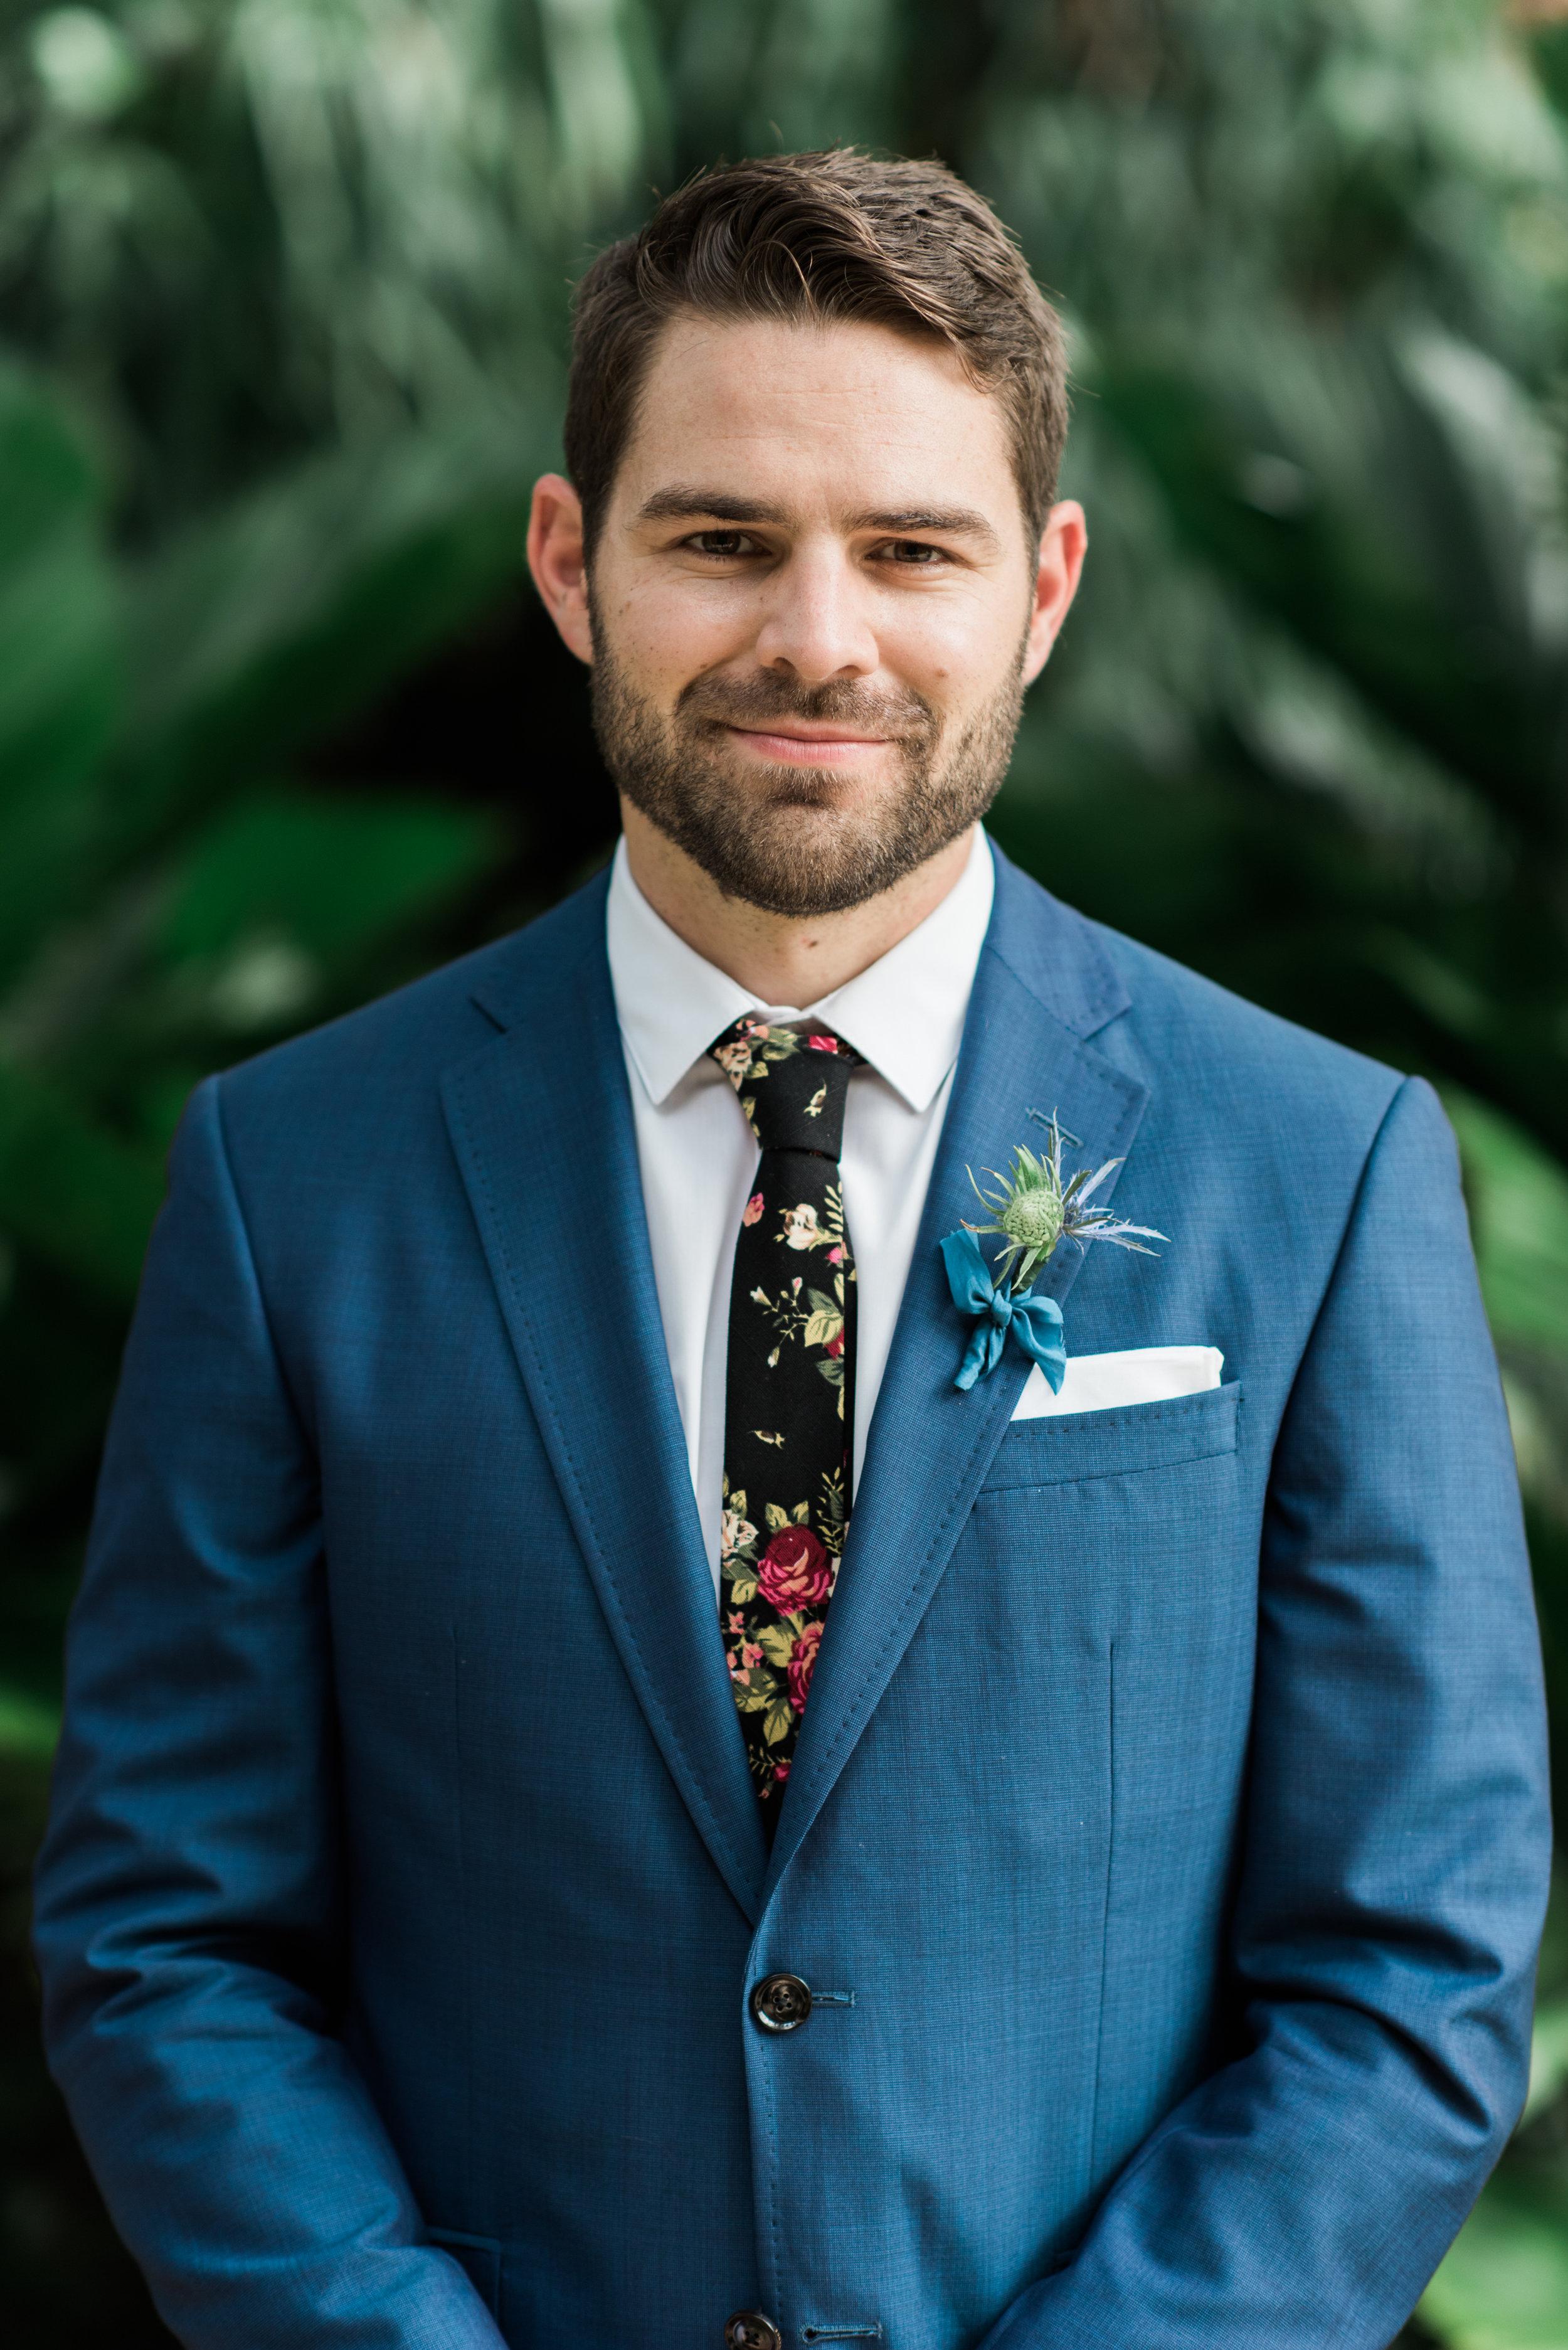 floral-tie-groom.jpg